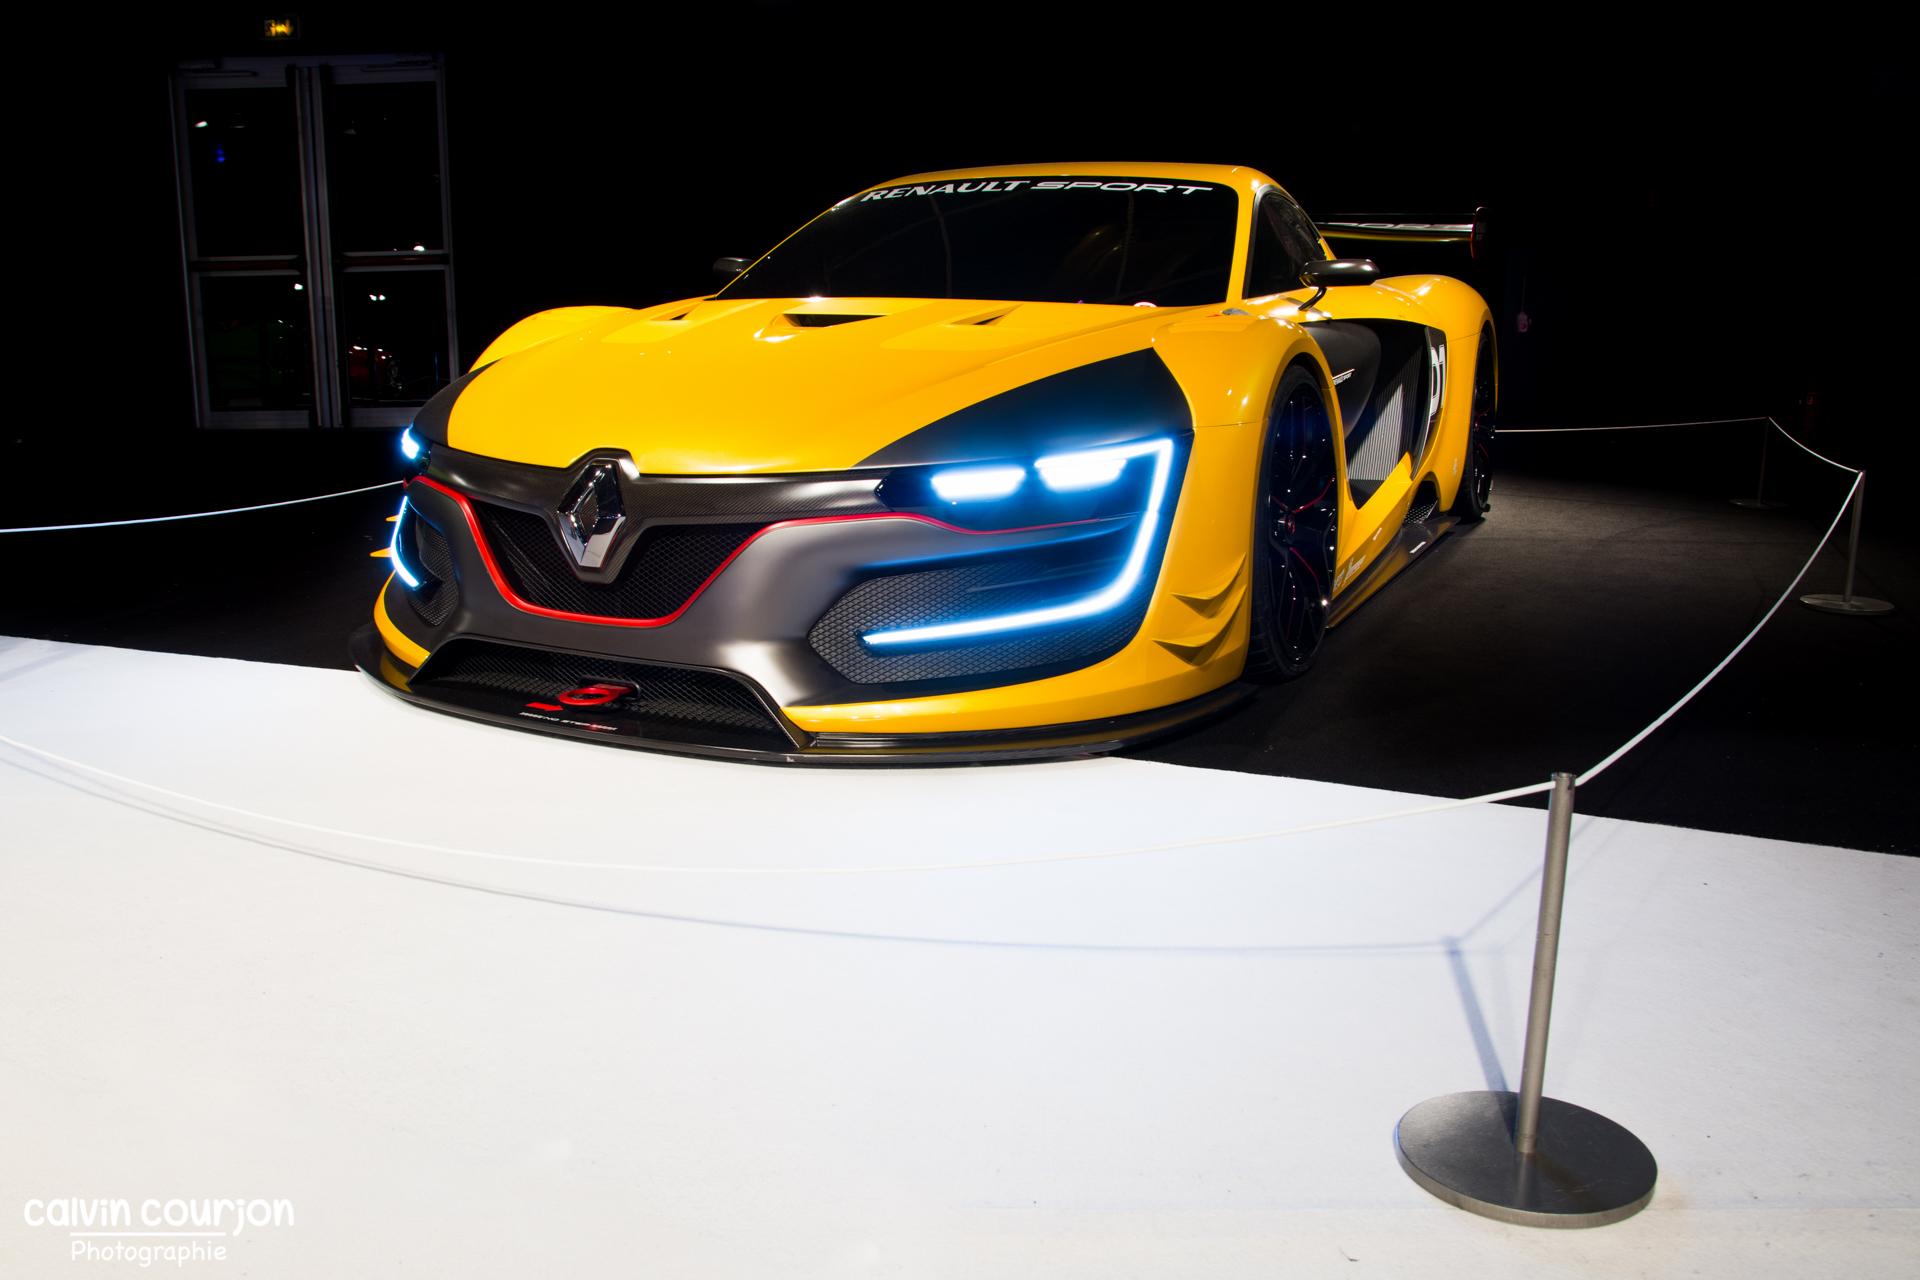 Renault Sport RS01 - avant - FAI 2015 - Paris - Calvin Courjon Photographie